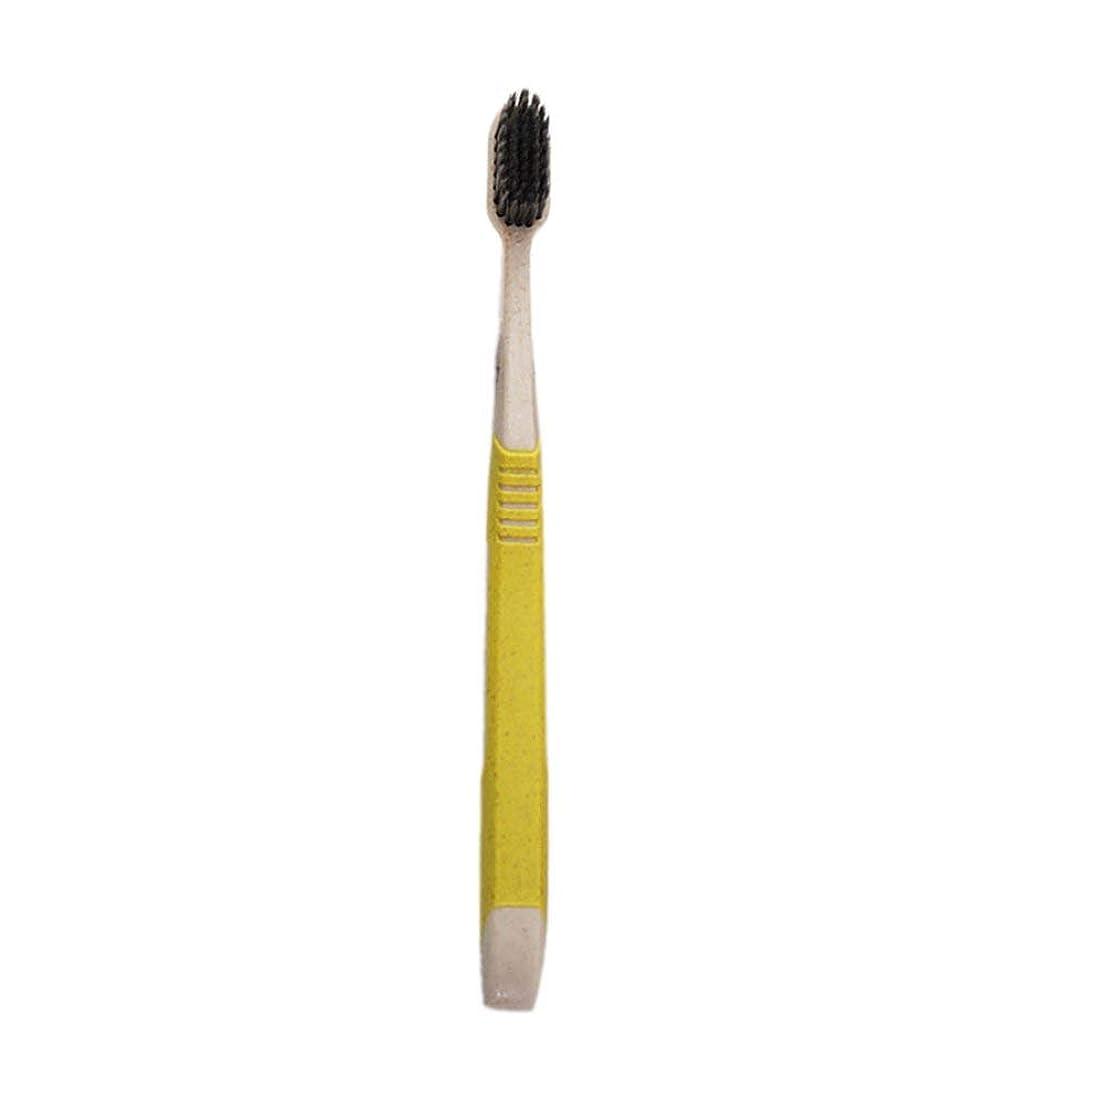 詩人気取らない抗議K-666小麦わらの歯ブラシ歯のクリーニングブラシ竹炭毛ブラシ環境にやさしいブラシ歯のケア - 黄色